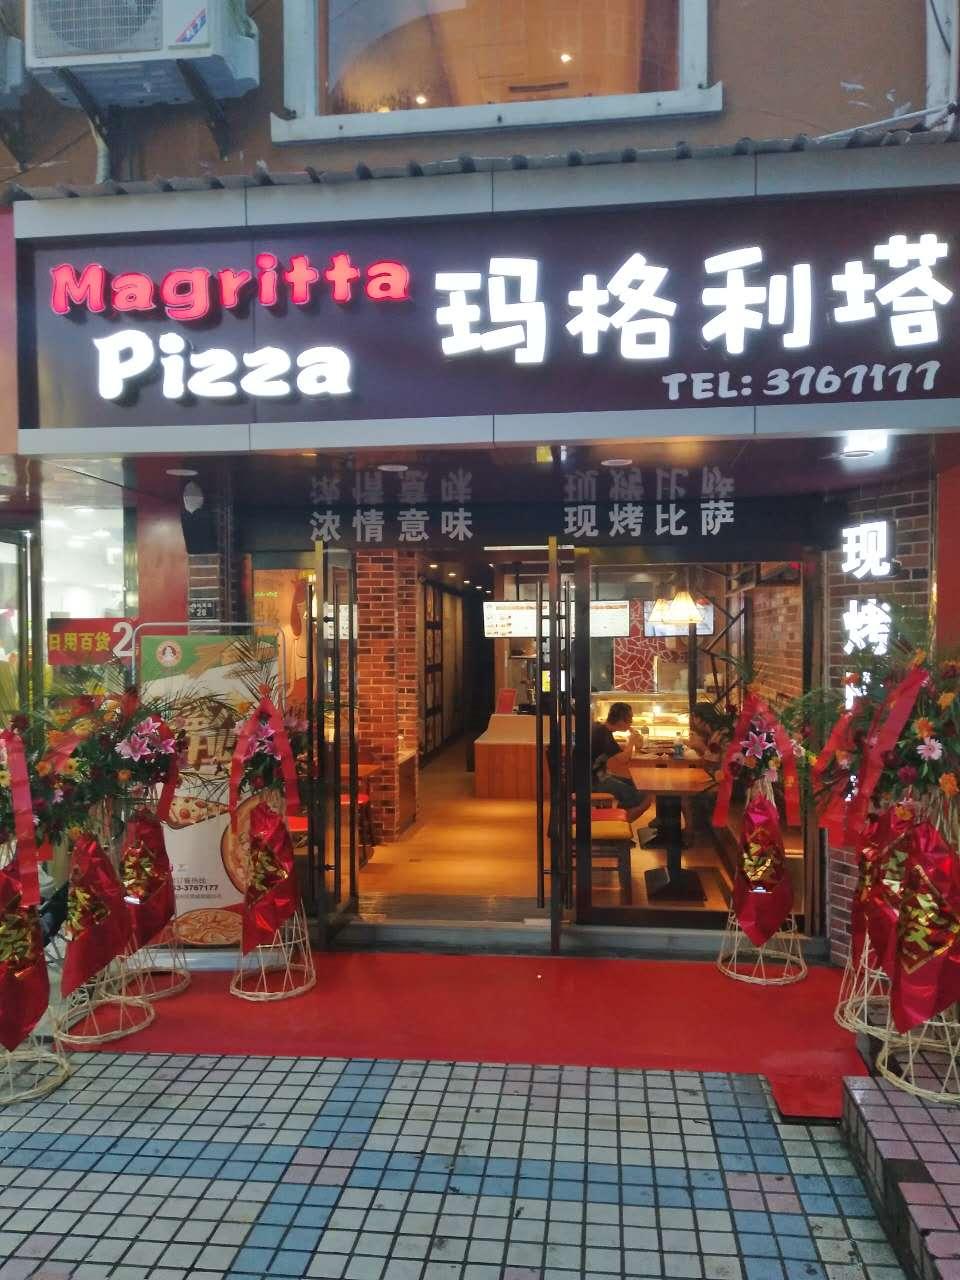 玛格利塔披萨(锦城南路店)